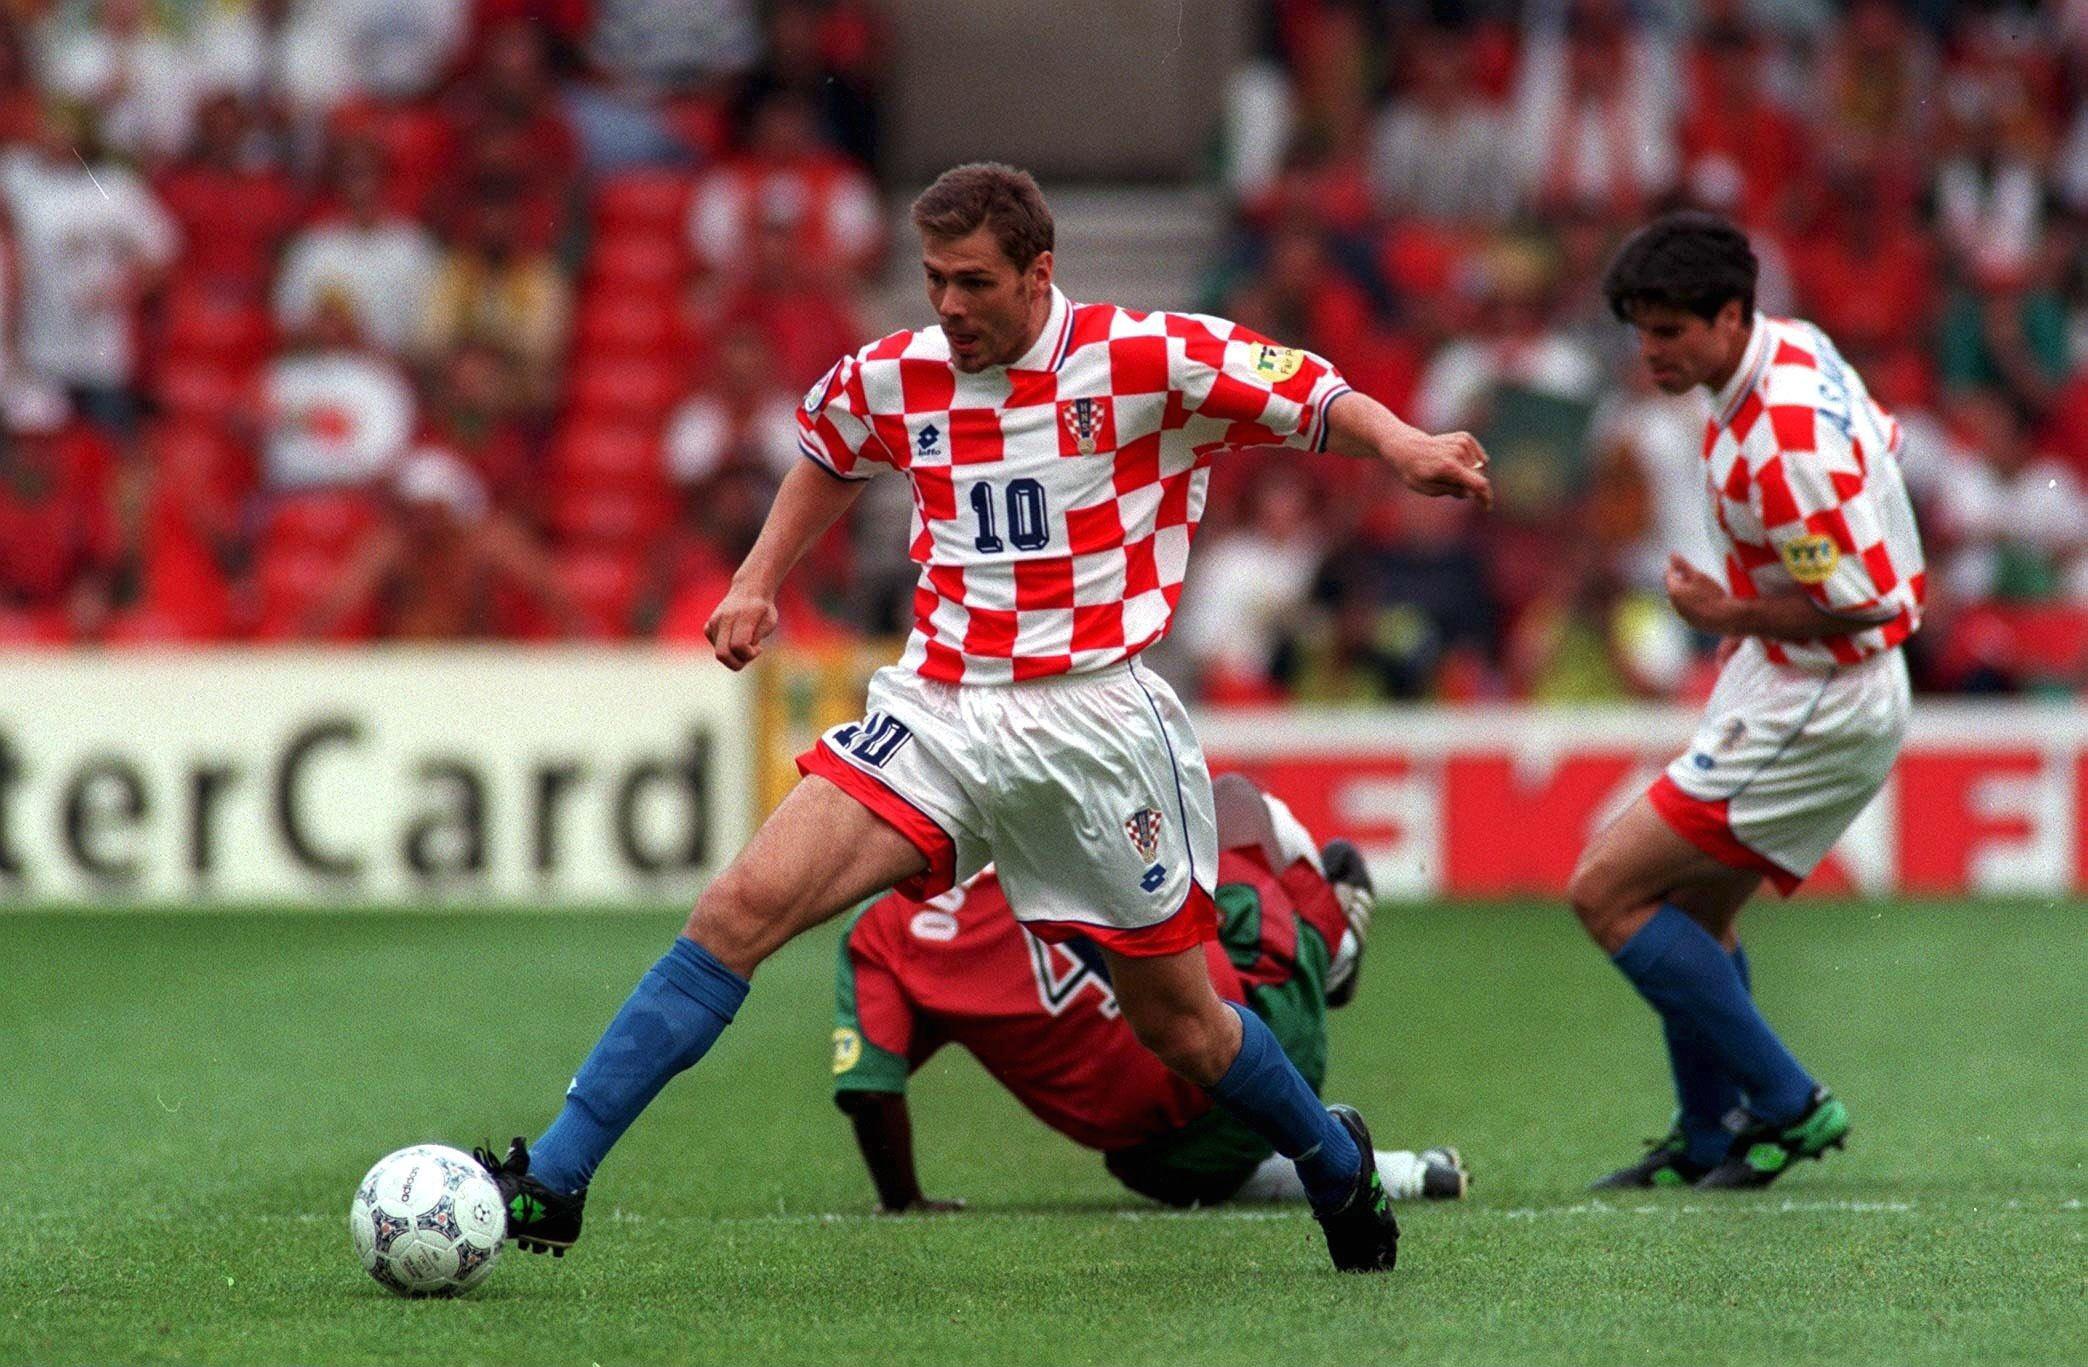 FUSSBALL: NATIONALMANNSCHAFT EM 1996 in ENGLAND/ CRO